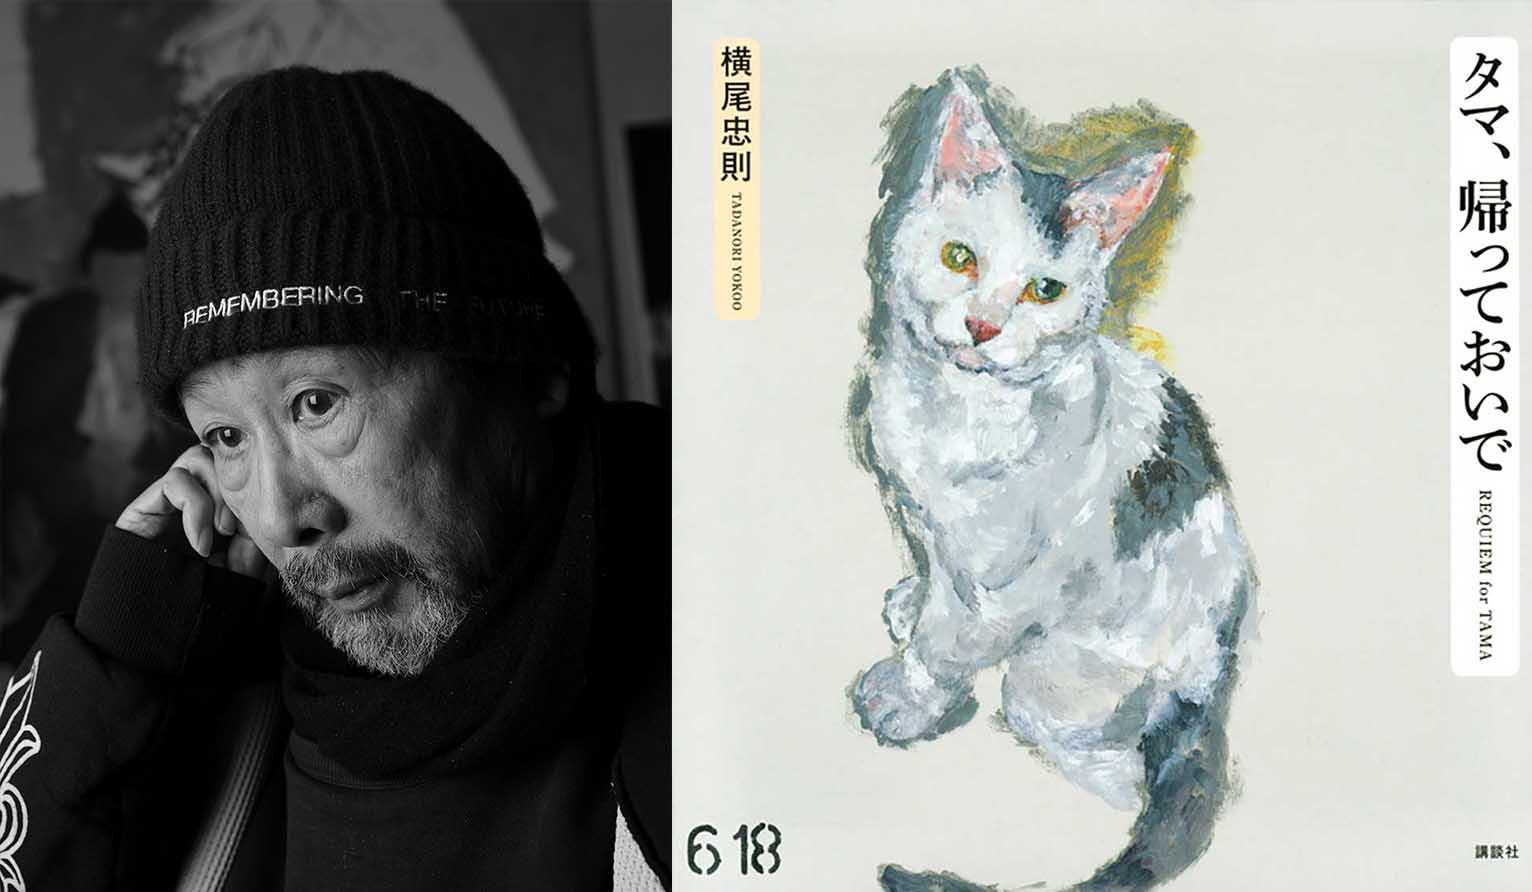 横尾忠則さんの新刊「タマ、帰っておいで」